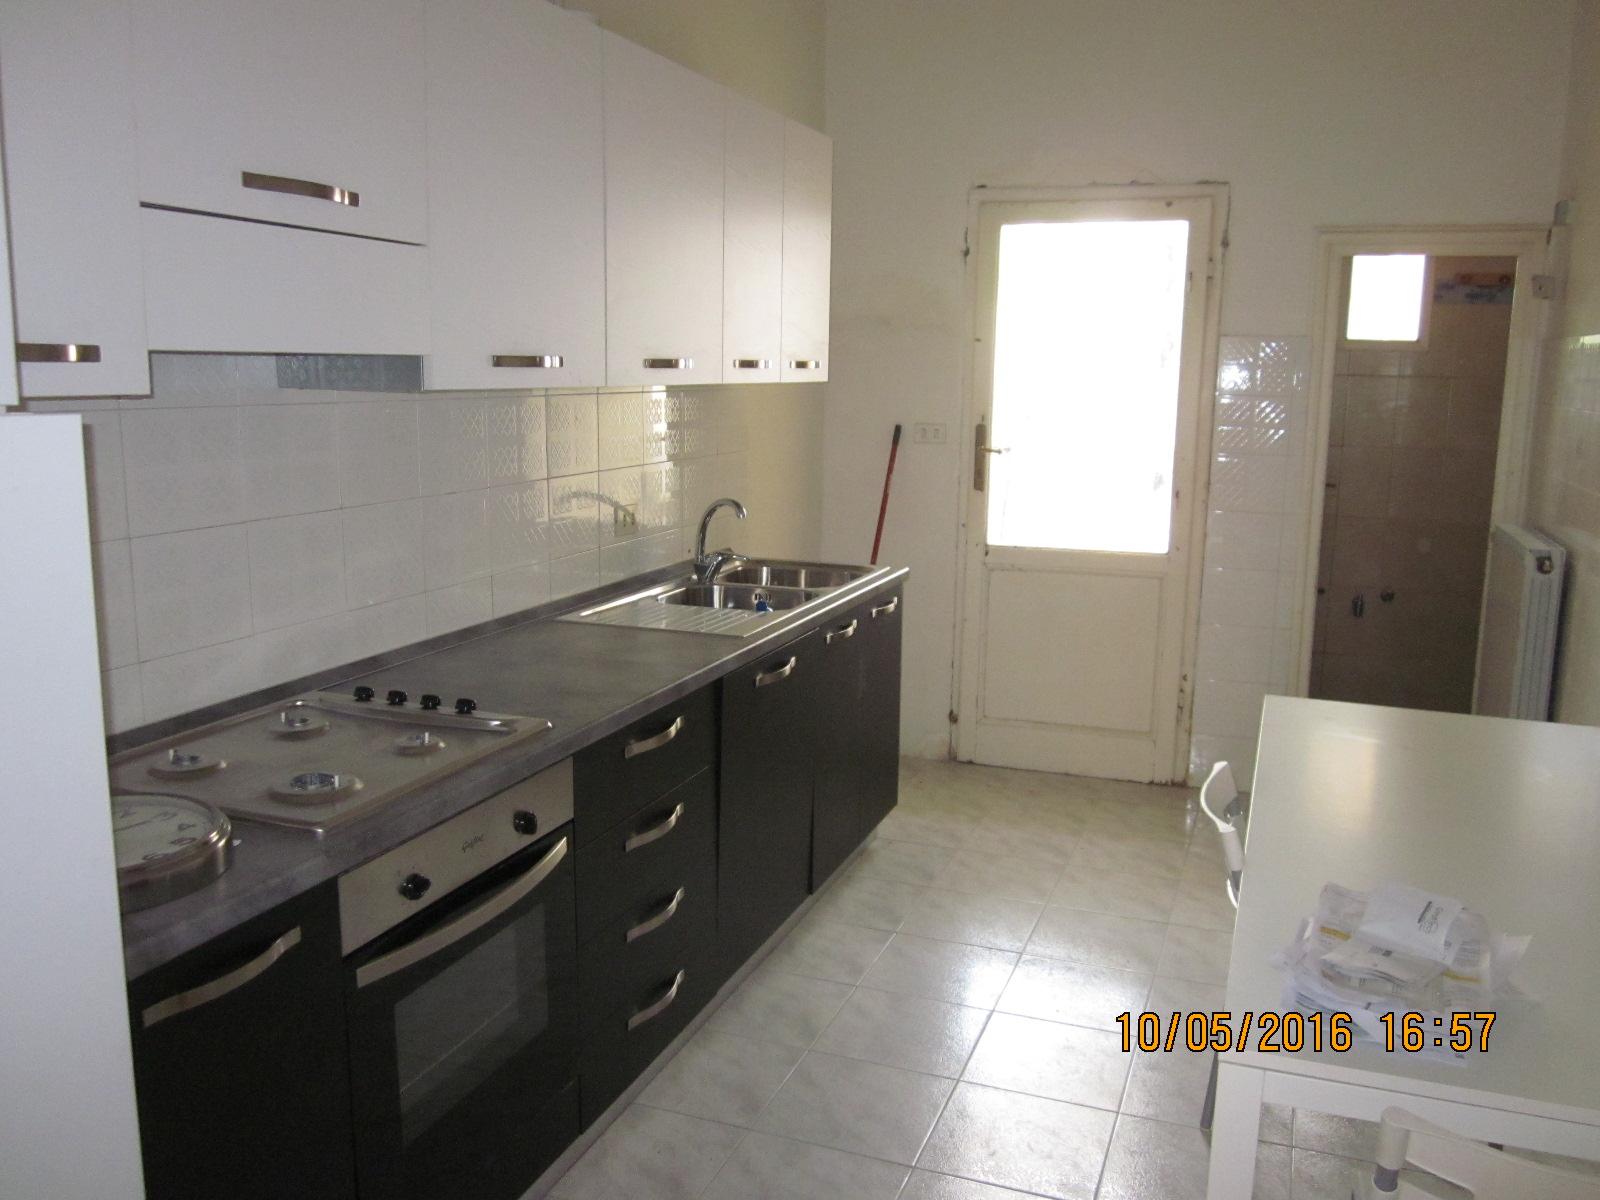 Soluzione Indipendente in vendita a Viareggio, 4 locali, zona Località: Centro, prezzo € 250.000 | Cambio Casa.it